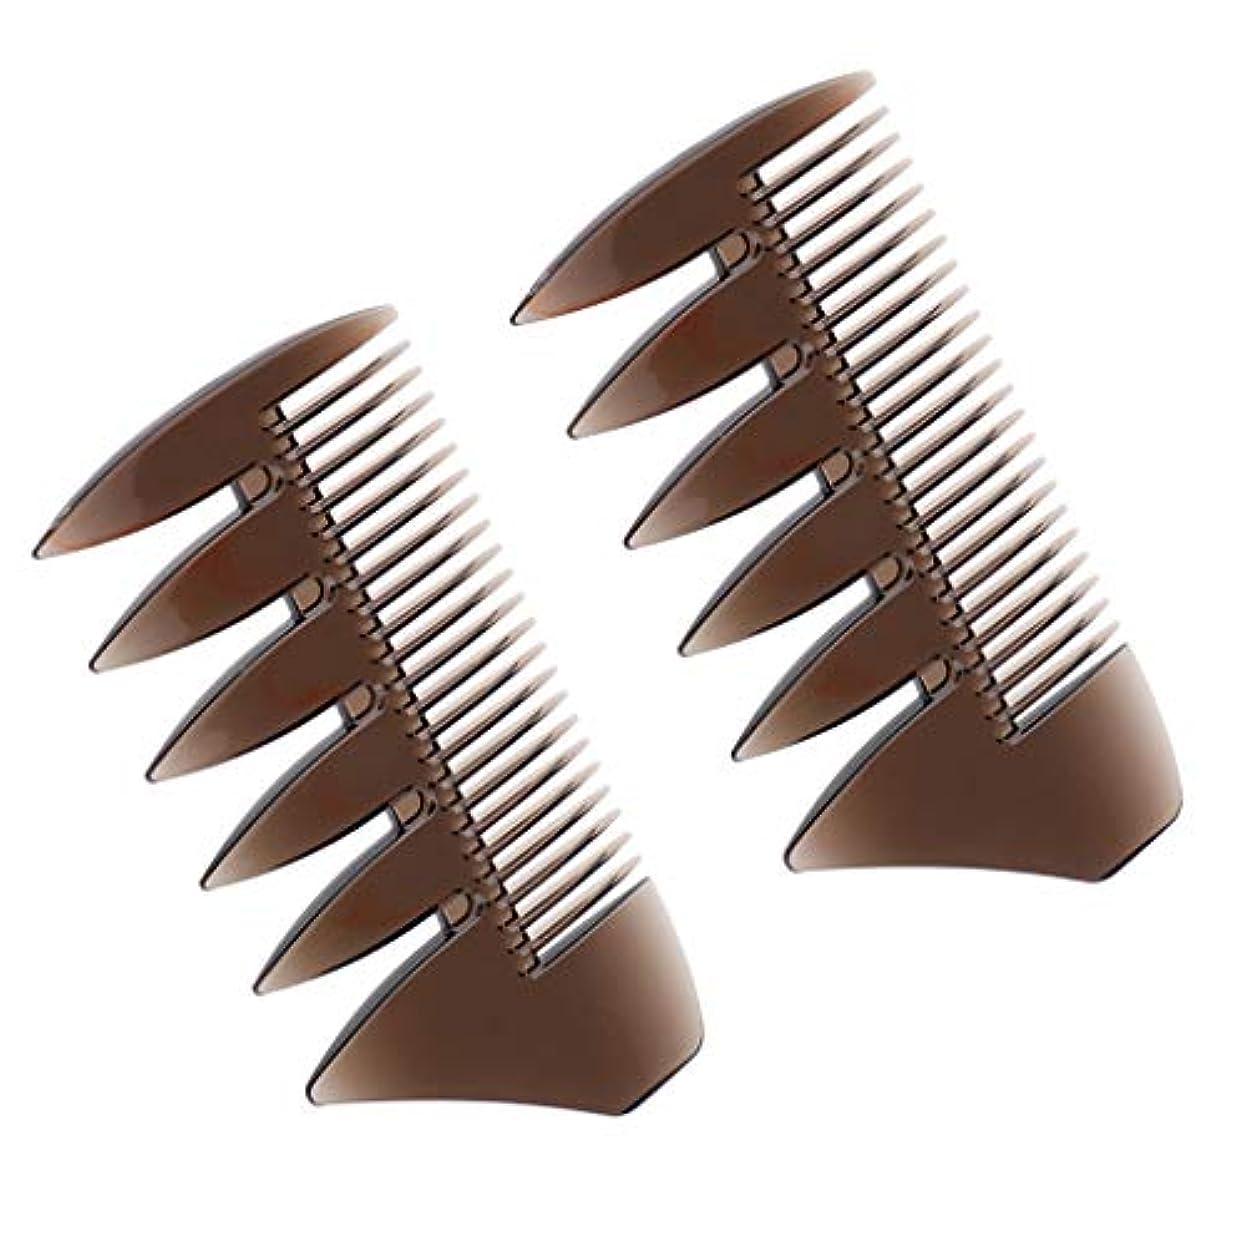 カラスアサー中世のコームくしメンズ櫛 ヘアブラシ スタイリングコーム 2本コーム 男女兼用 美髪セット 静電気防止